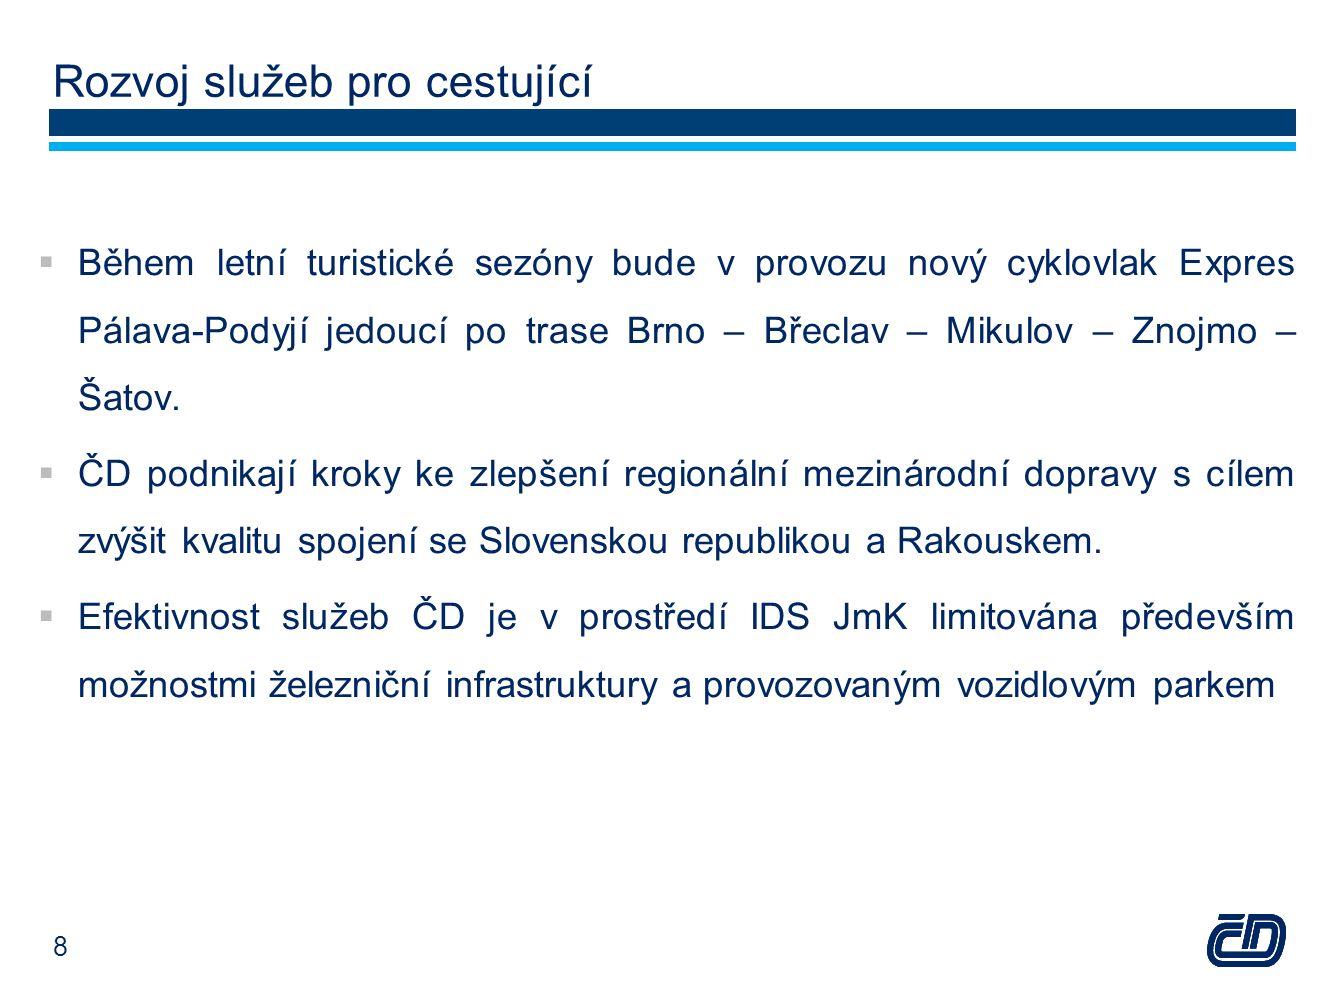 Rozvoj služeb pro cestující  Během letní turistické sezóny bude v provozu nový cyklovlak Expres Pálava-Podyjí jedoucí po trase Brno – Břeclav – Mikul